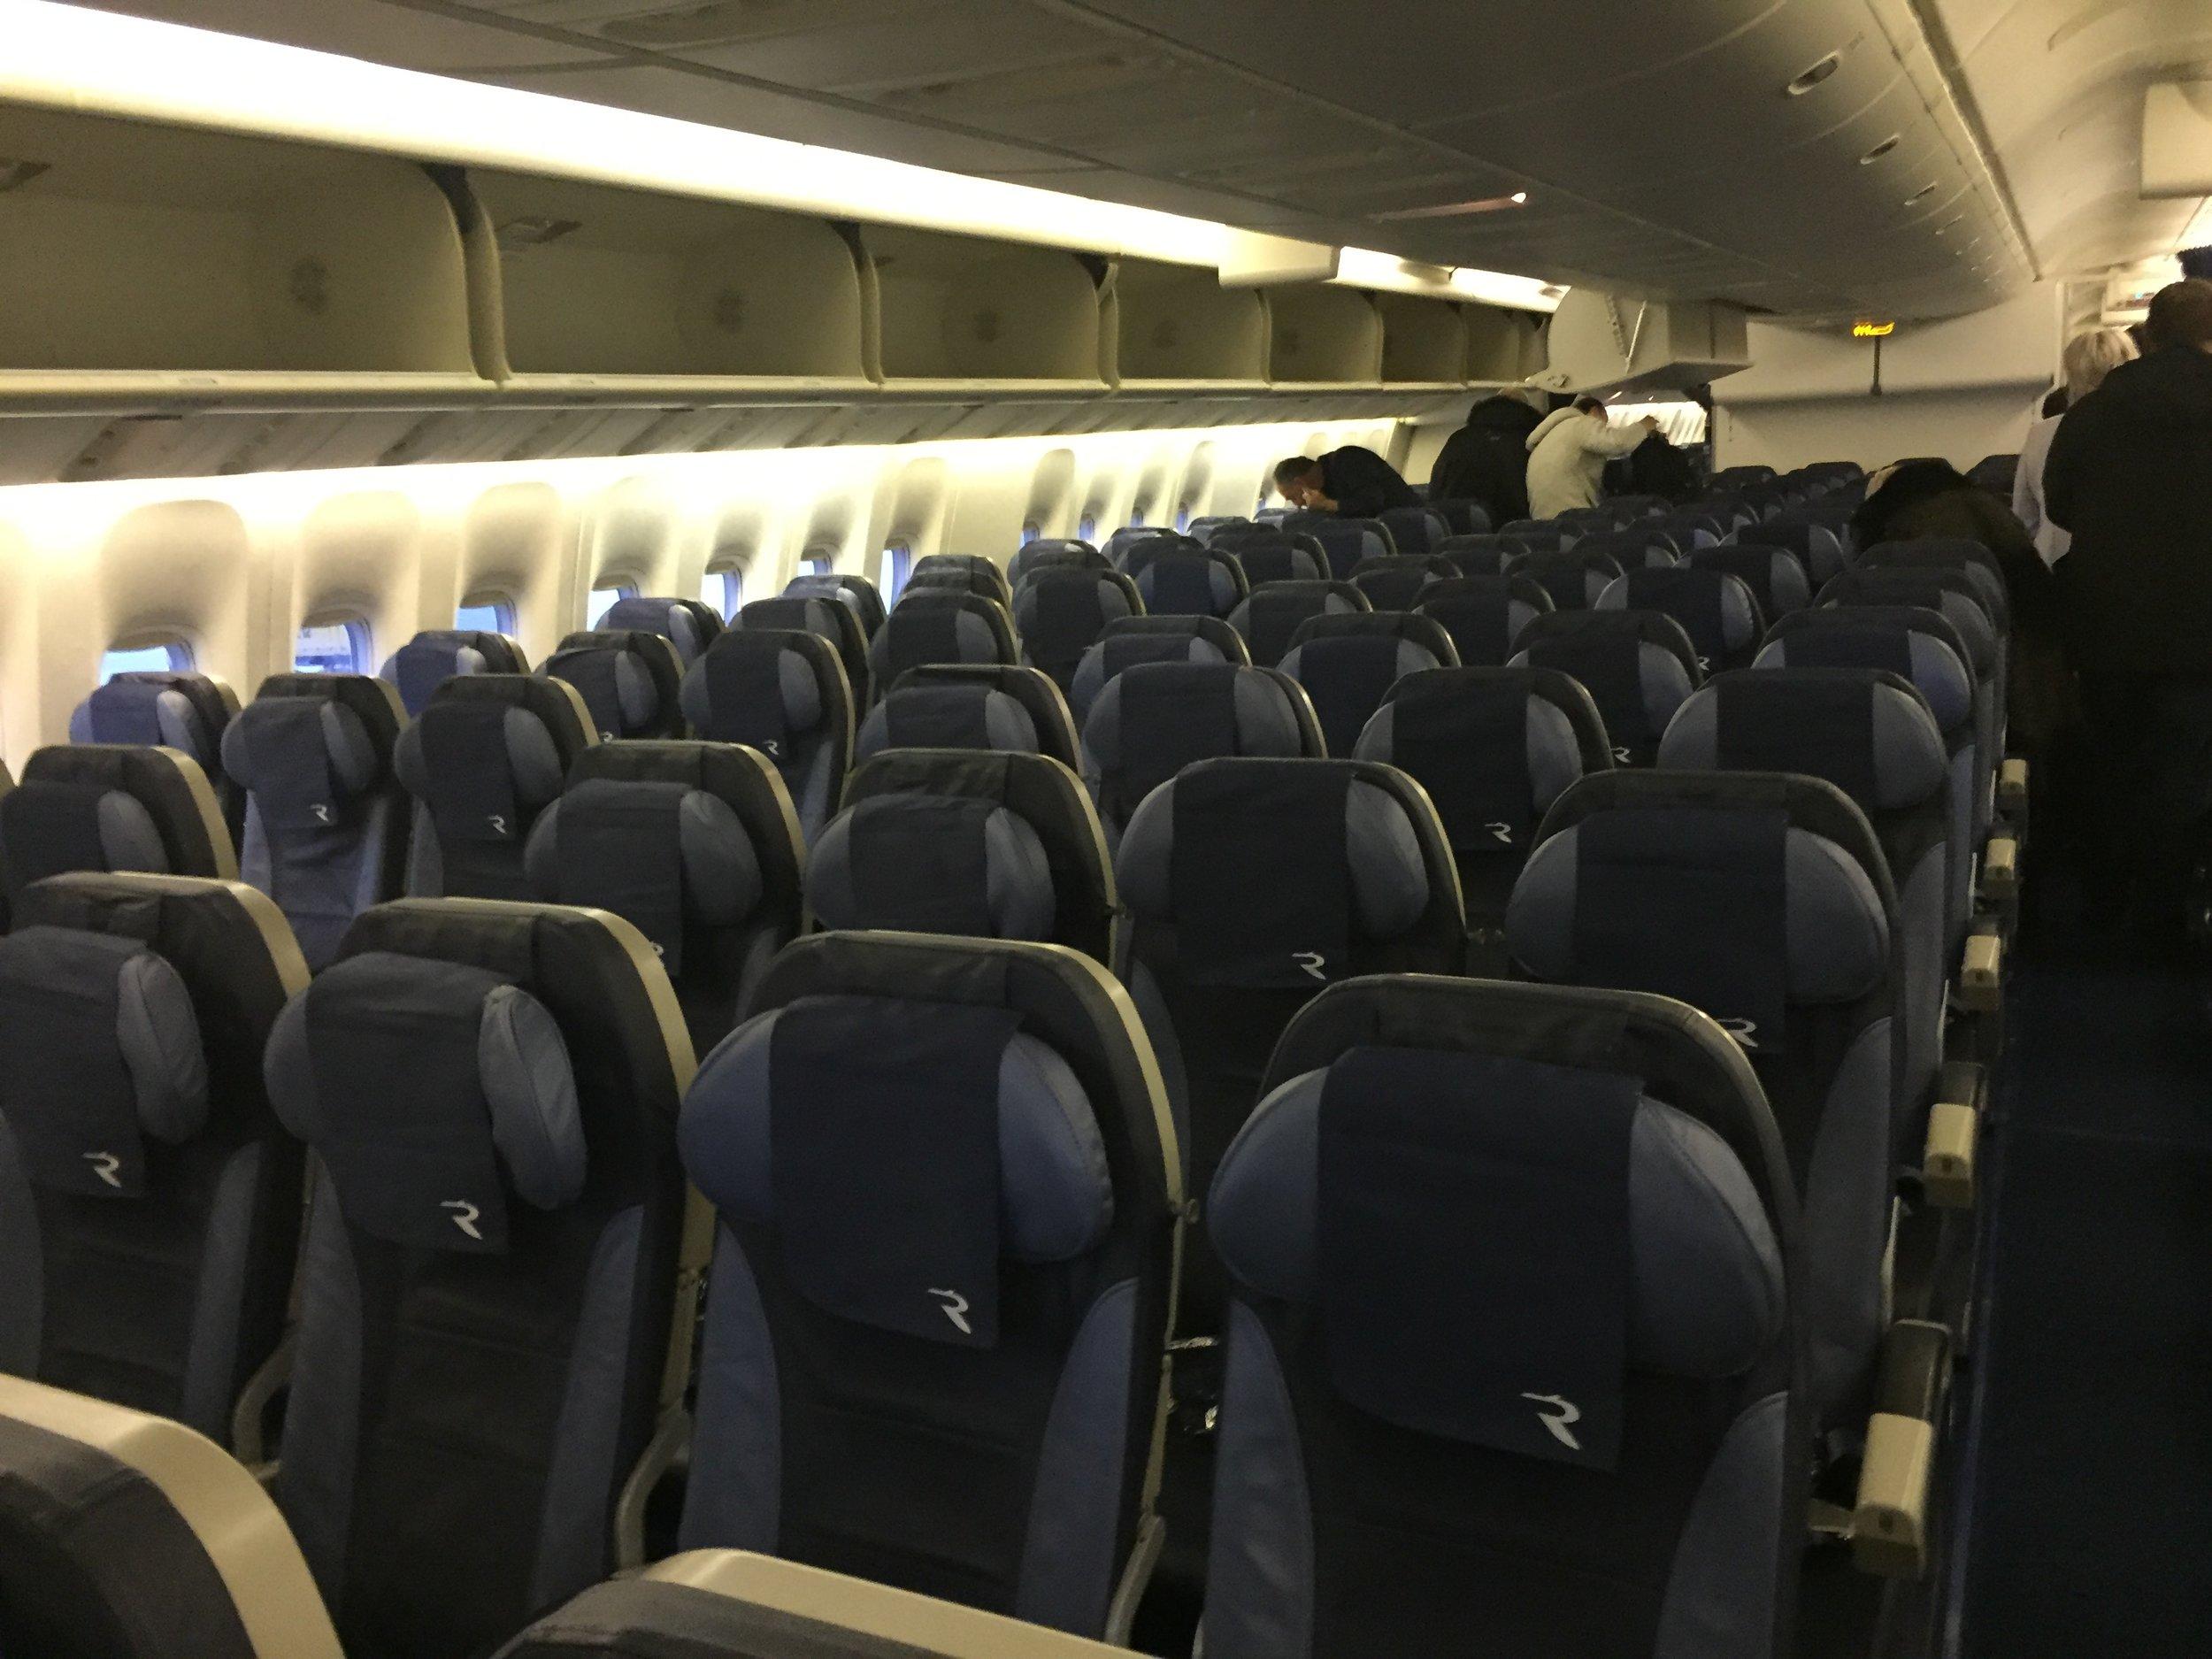 rossiya airlines economy cabin.JPG